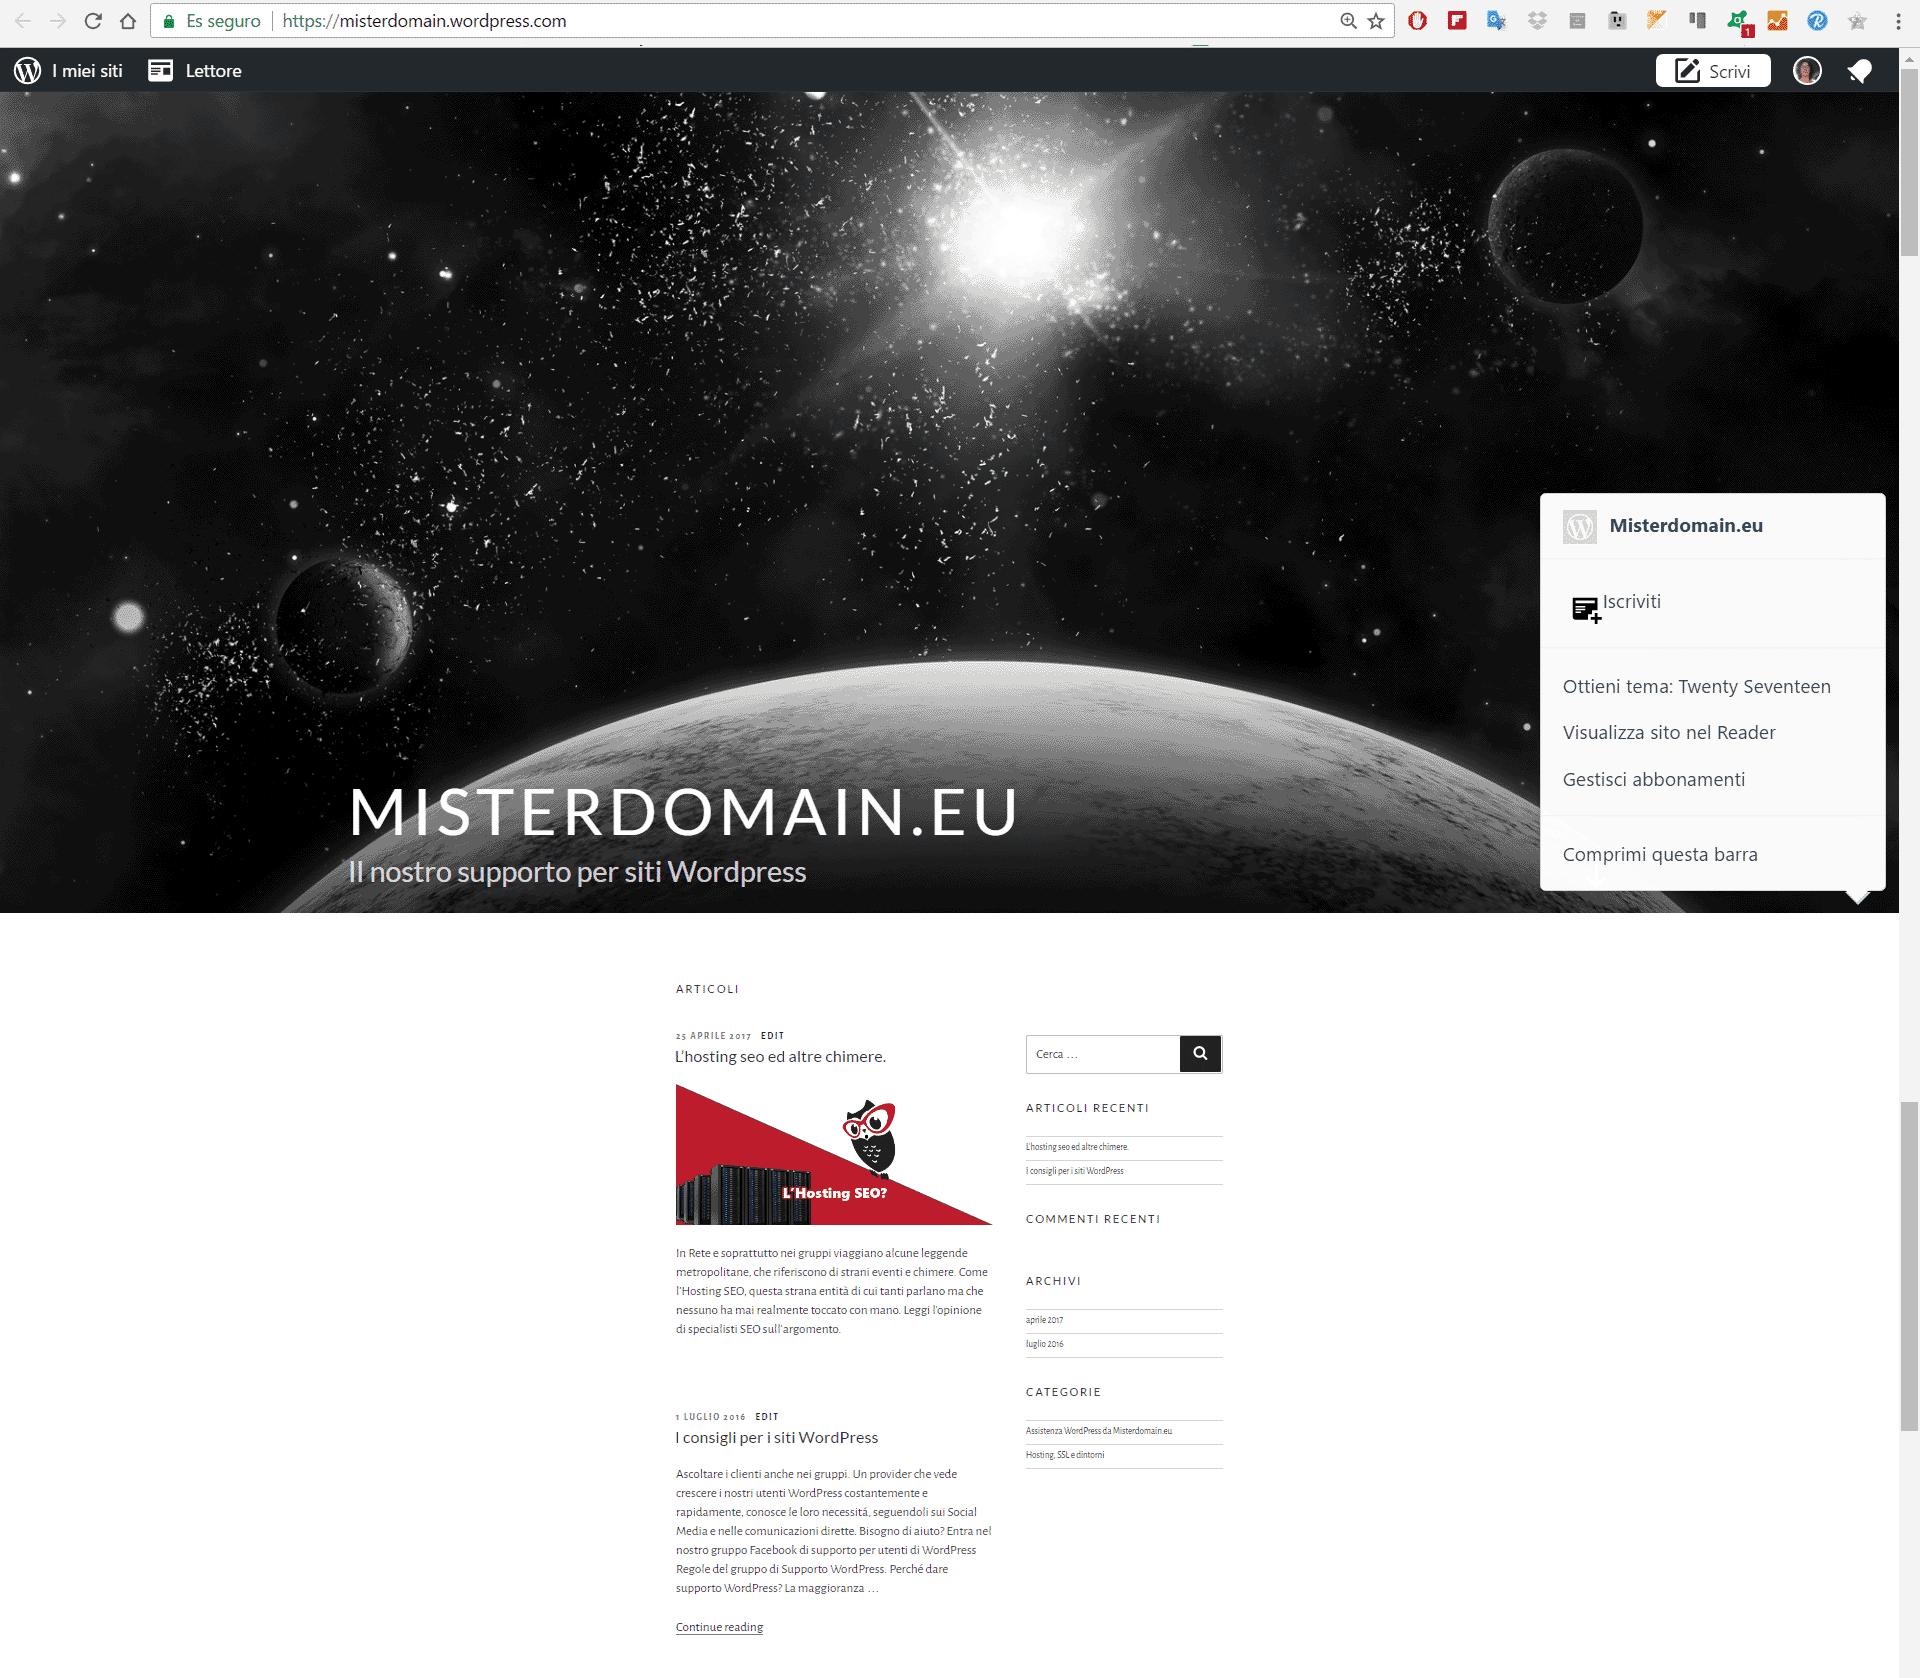 sito creato su wordpress.com da spostare sull'hosting di Misterdomain.eu